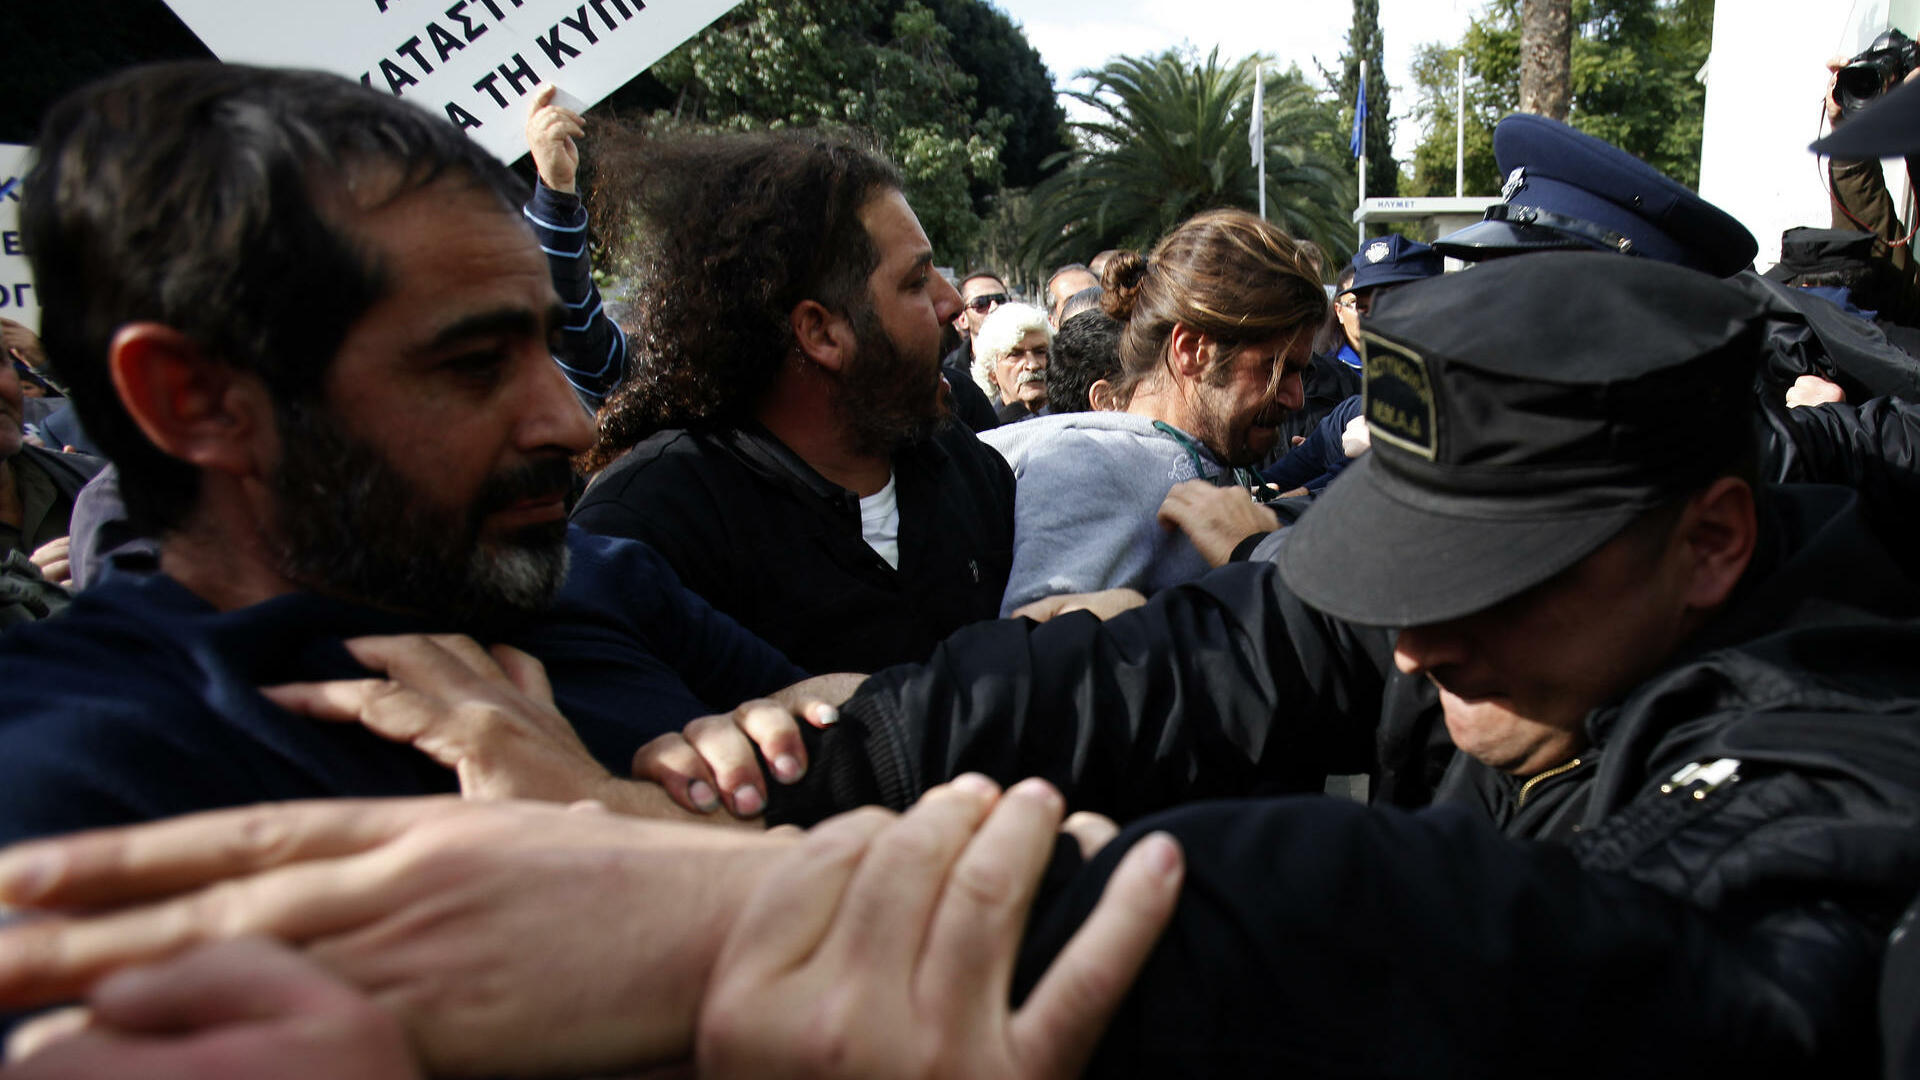 Warnung vor Zahlungsunfähigkeit: Zypern erhöht Druck auf Euro-Retter